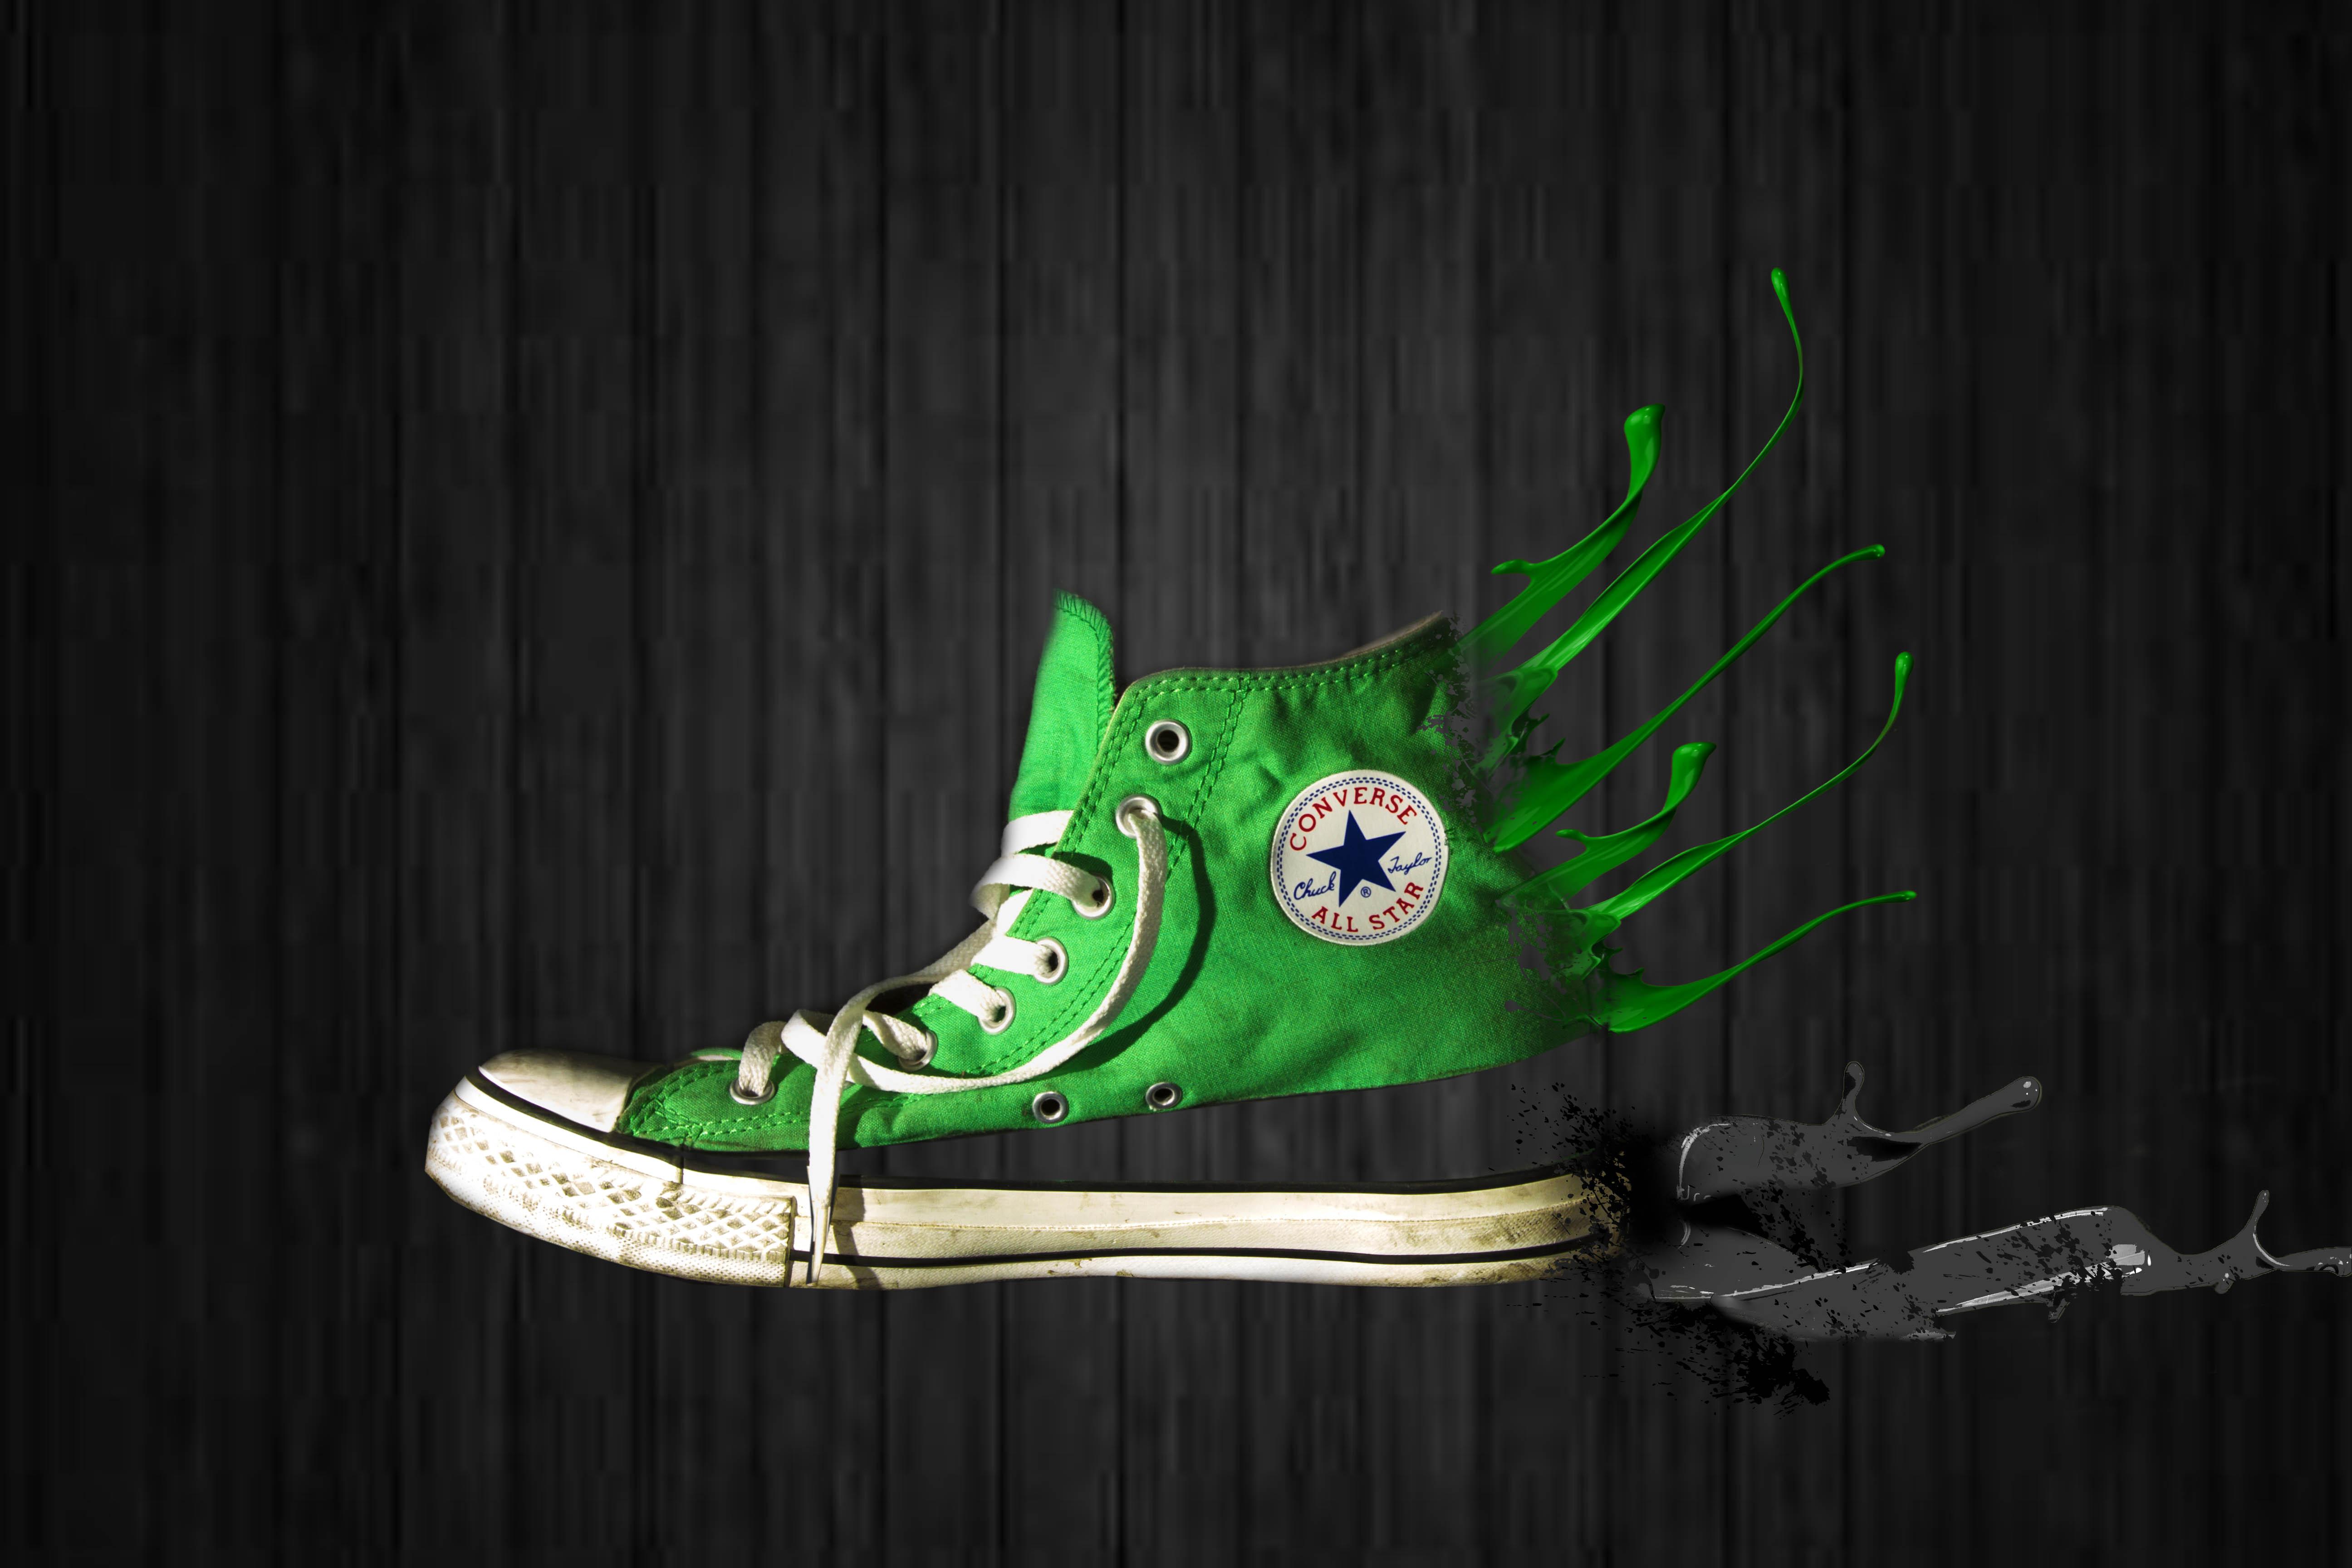 デスクトップ壁紙 履物 緑 靴 スニーカー アウトドアシューズ Product Design フォント コンピュータの壁紙 グラフィックス スペース 5184x3456 8693 デスクトップ壁紙 Wallhere